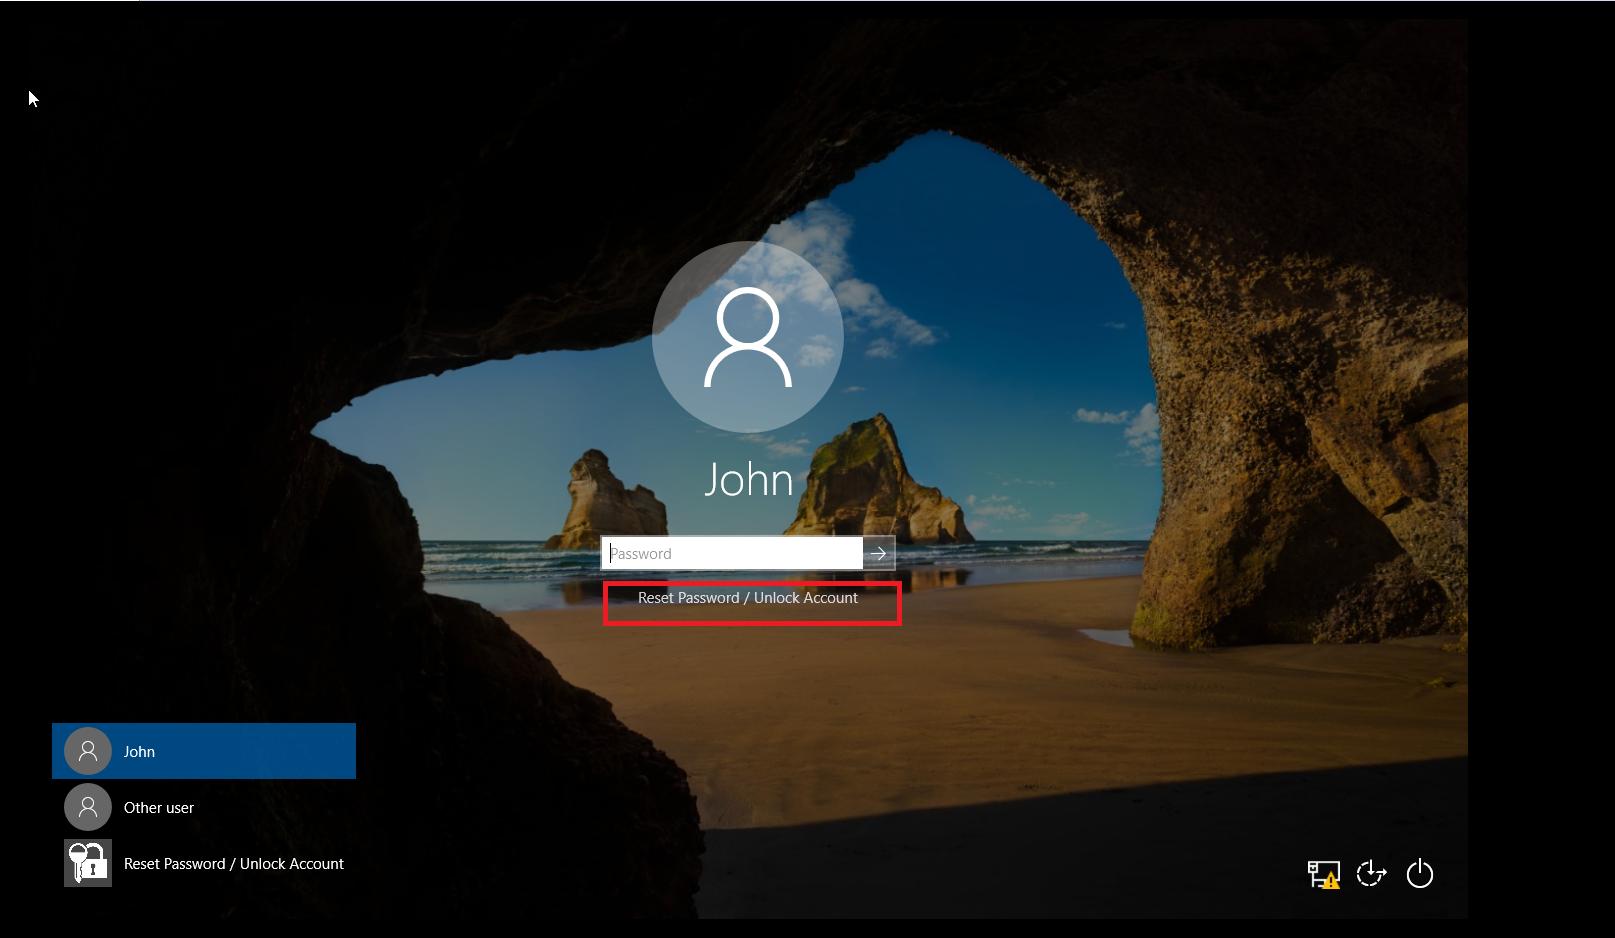 Pantalla de inicio de sesión de Windows